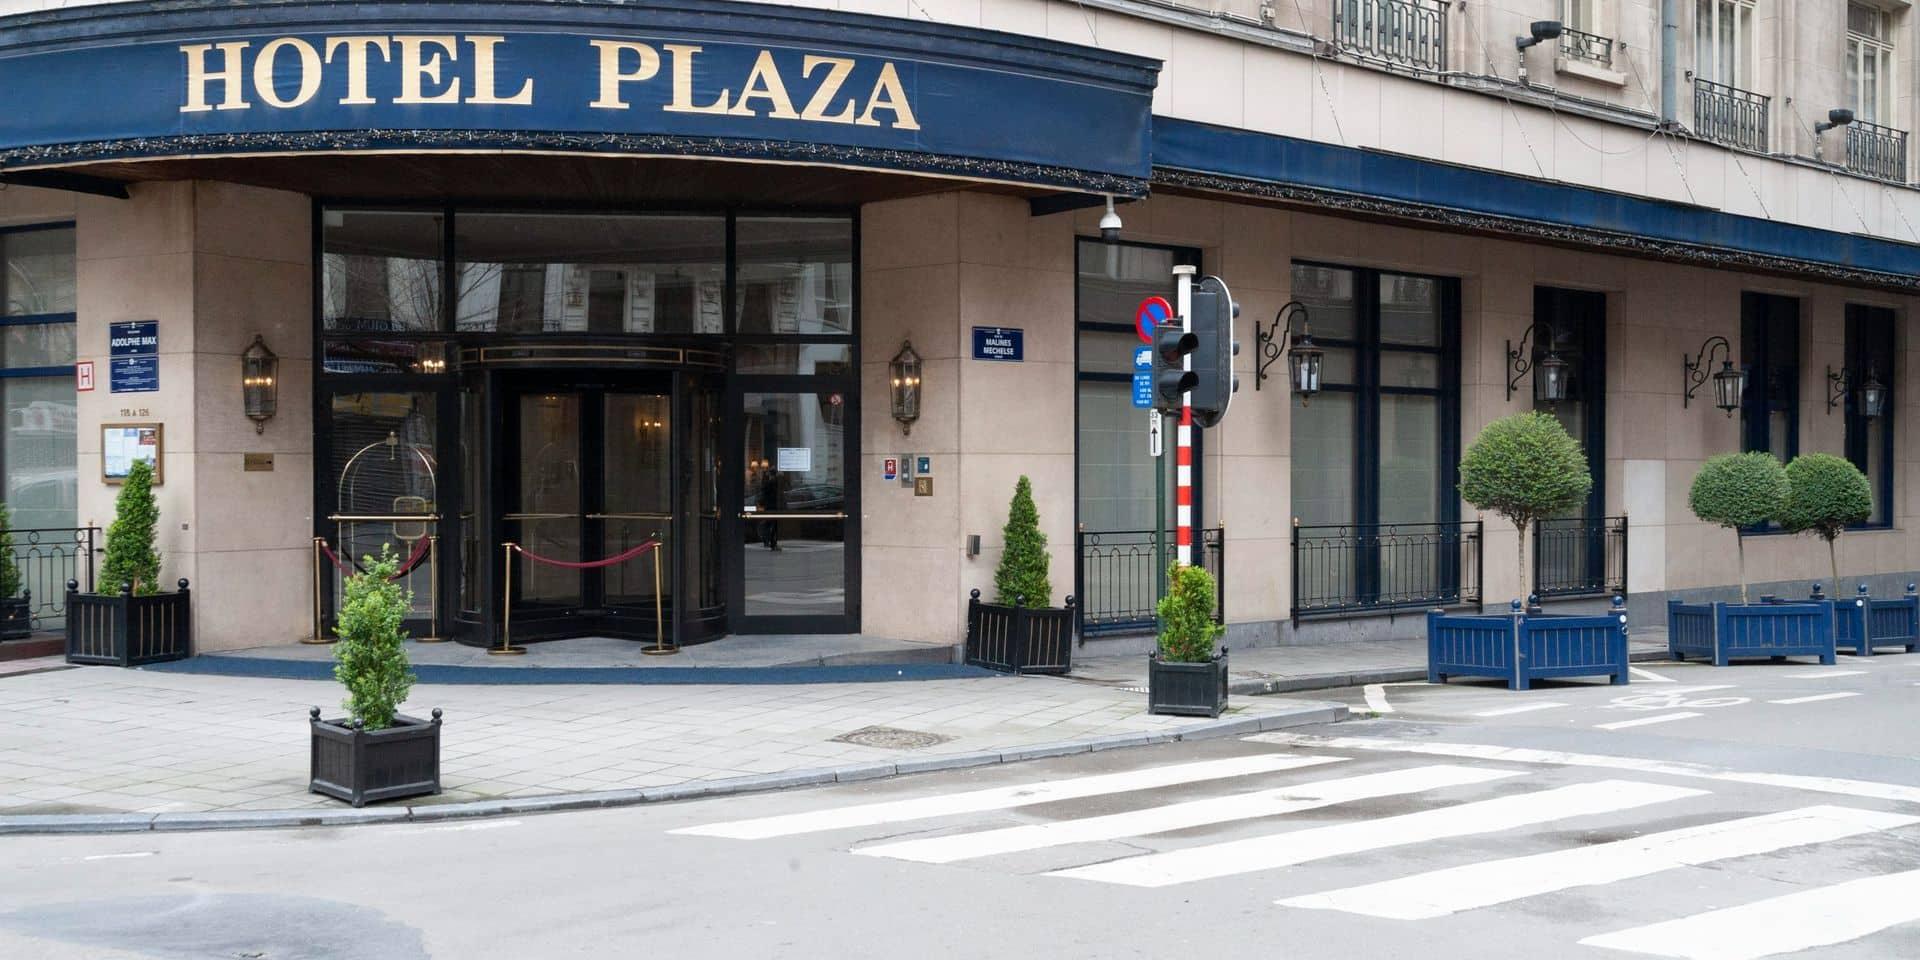 Le rétablissement des hôtels bruxellois ne se fera pas avant... 2023 ou 2024